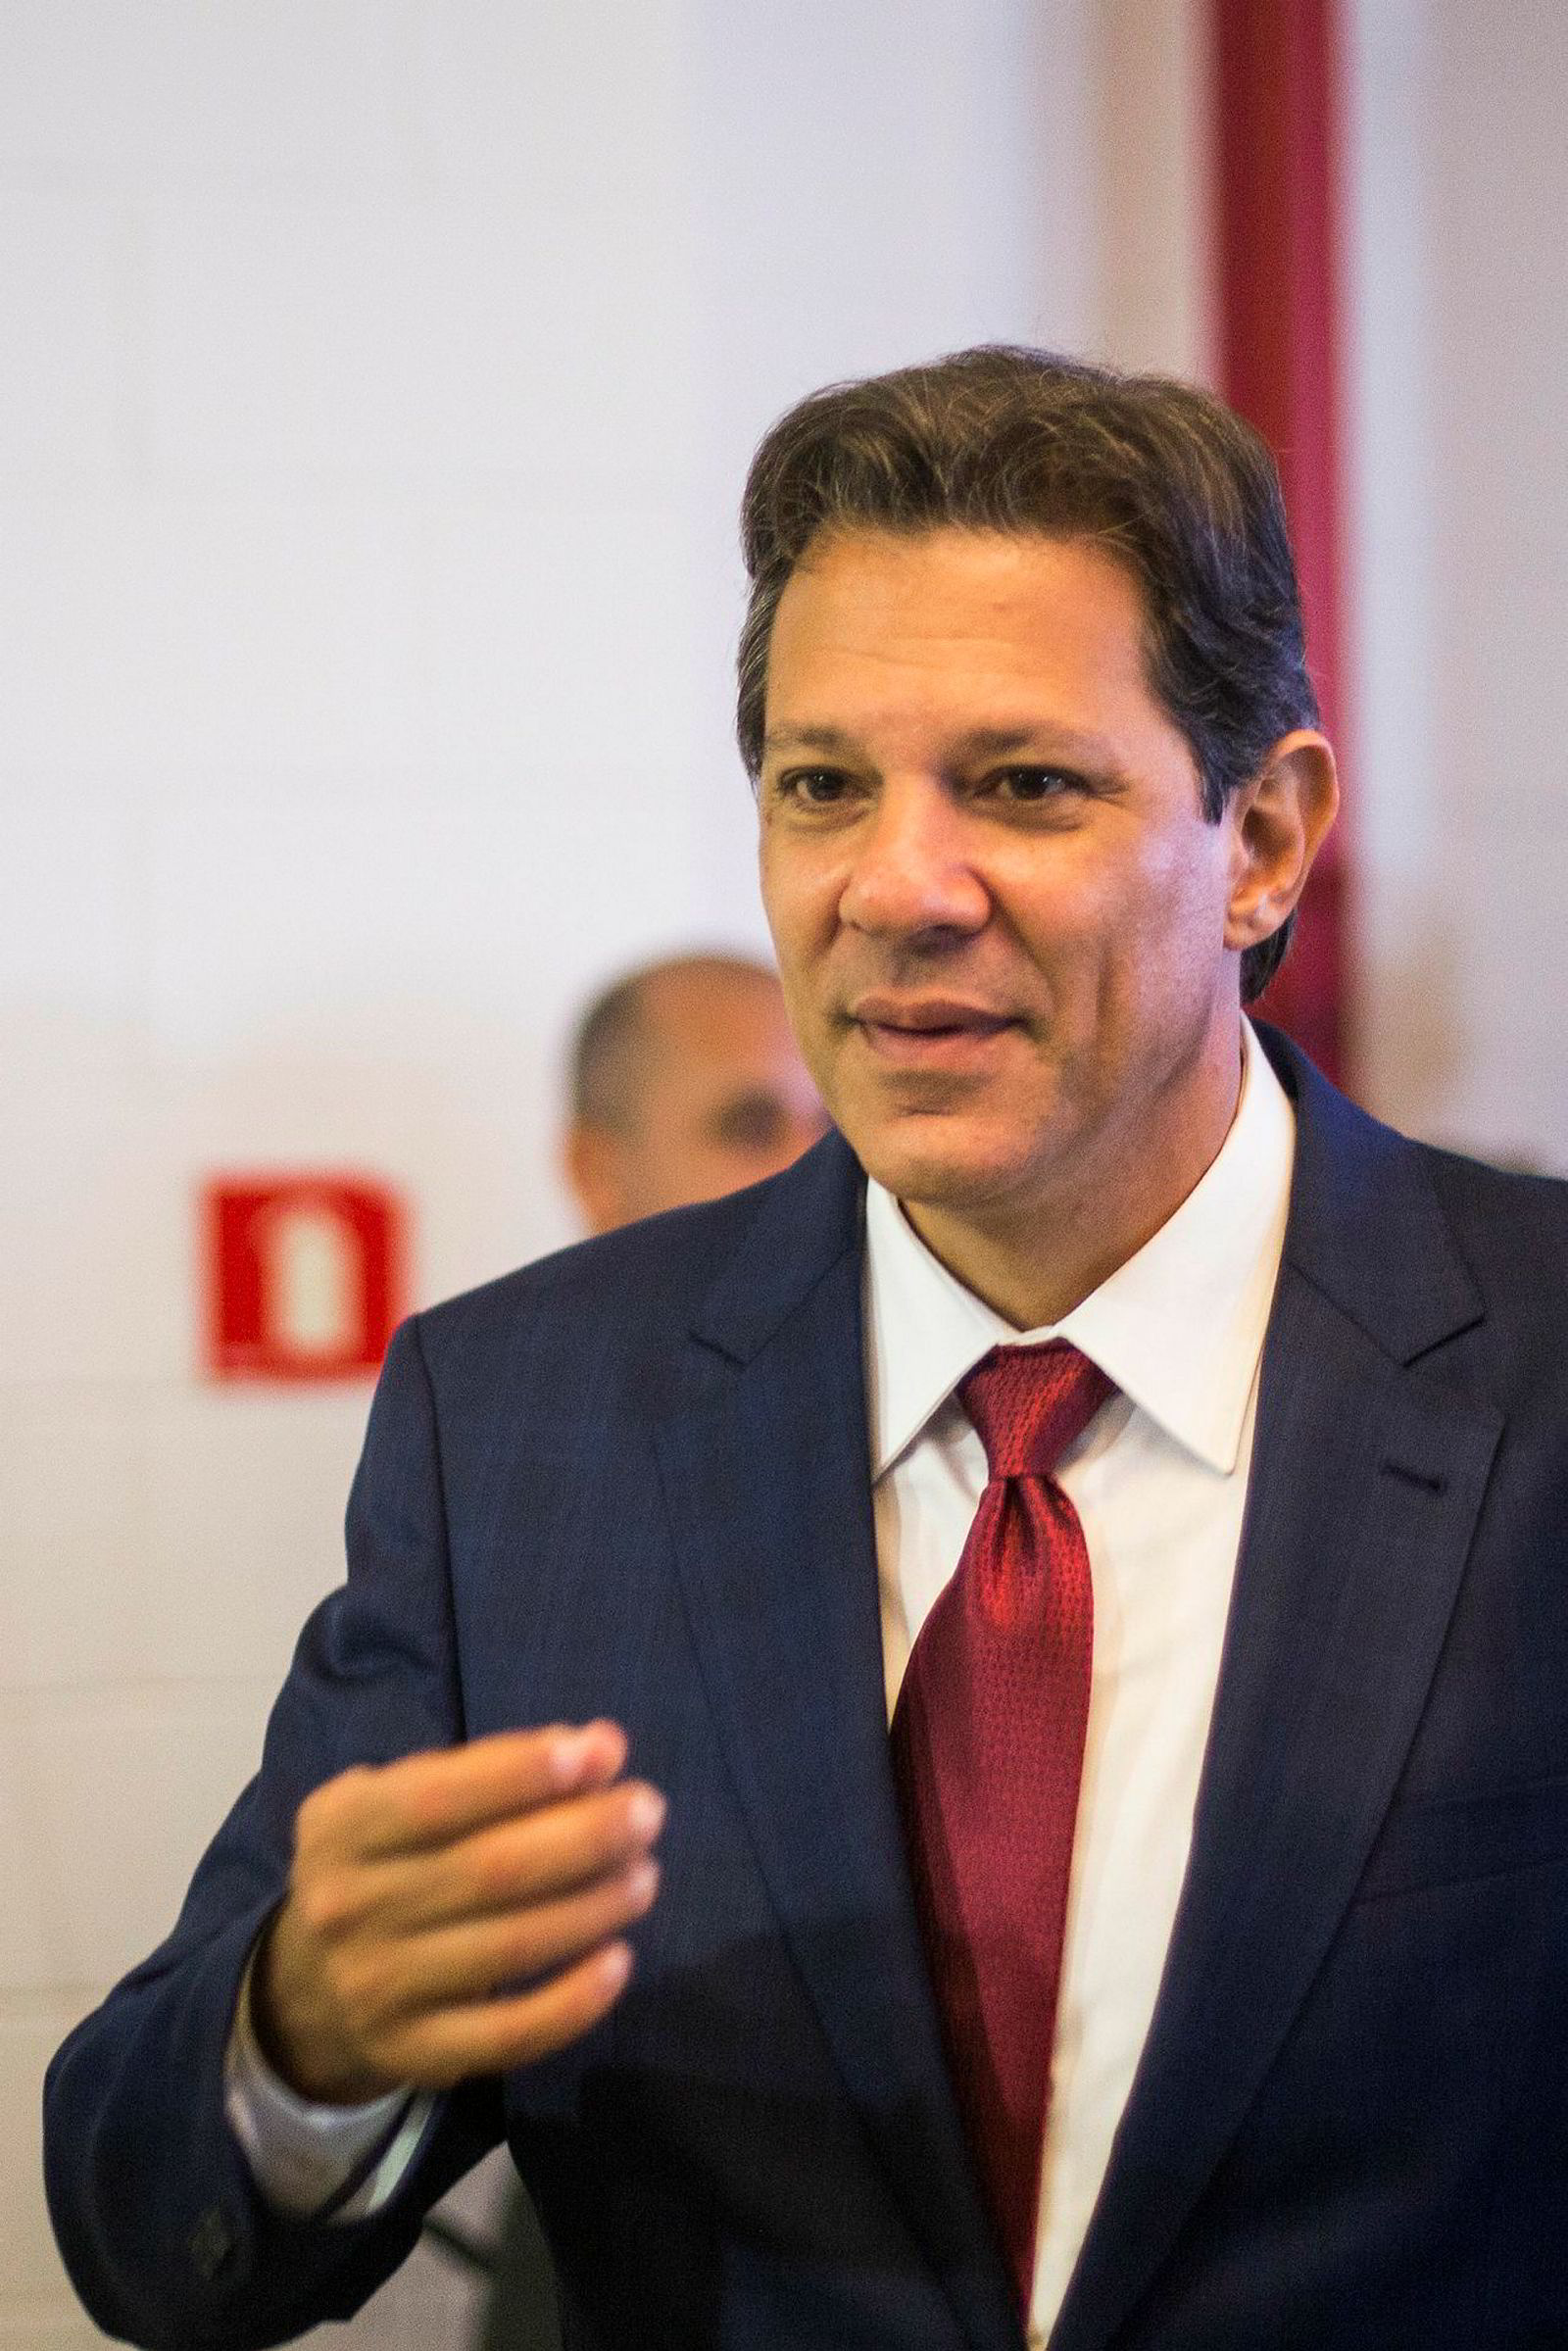 Fernando Haddad fra arbeiderpartiet (PT)